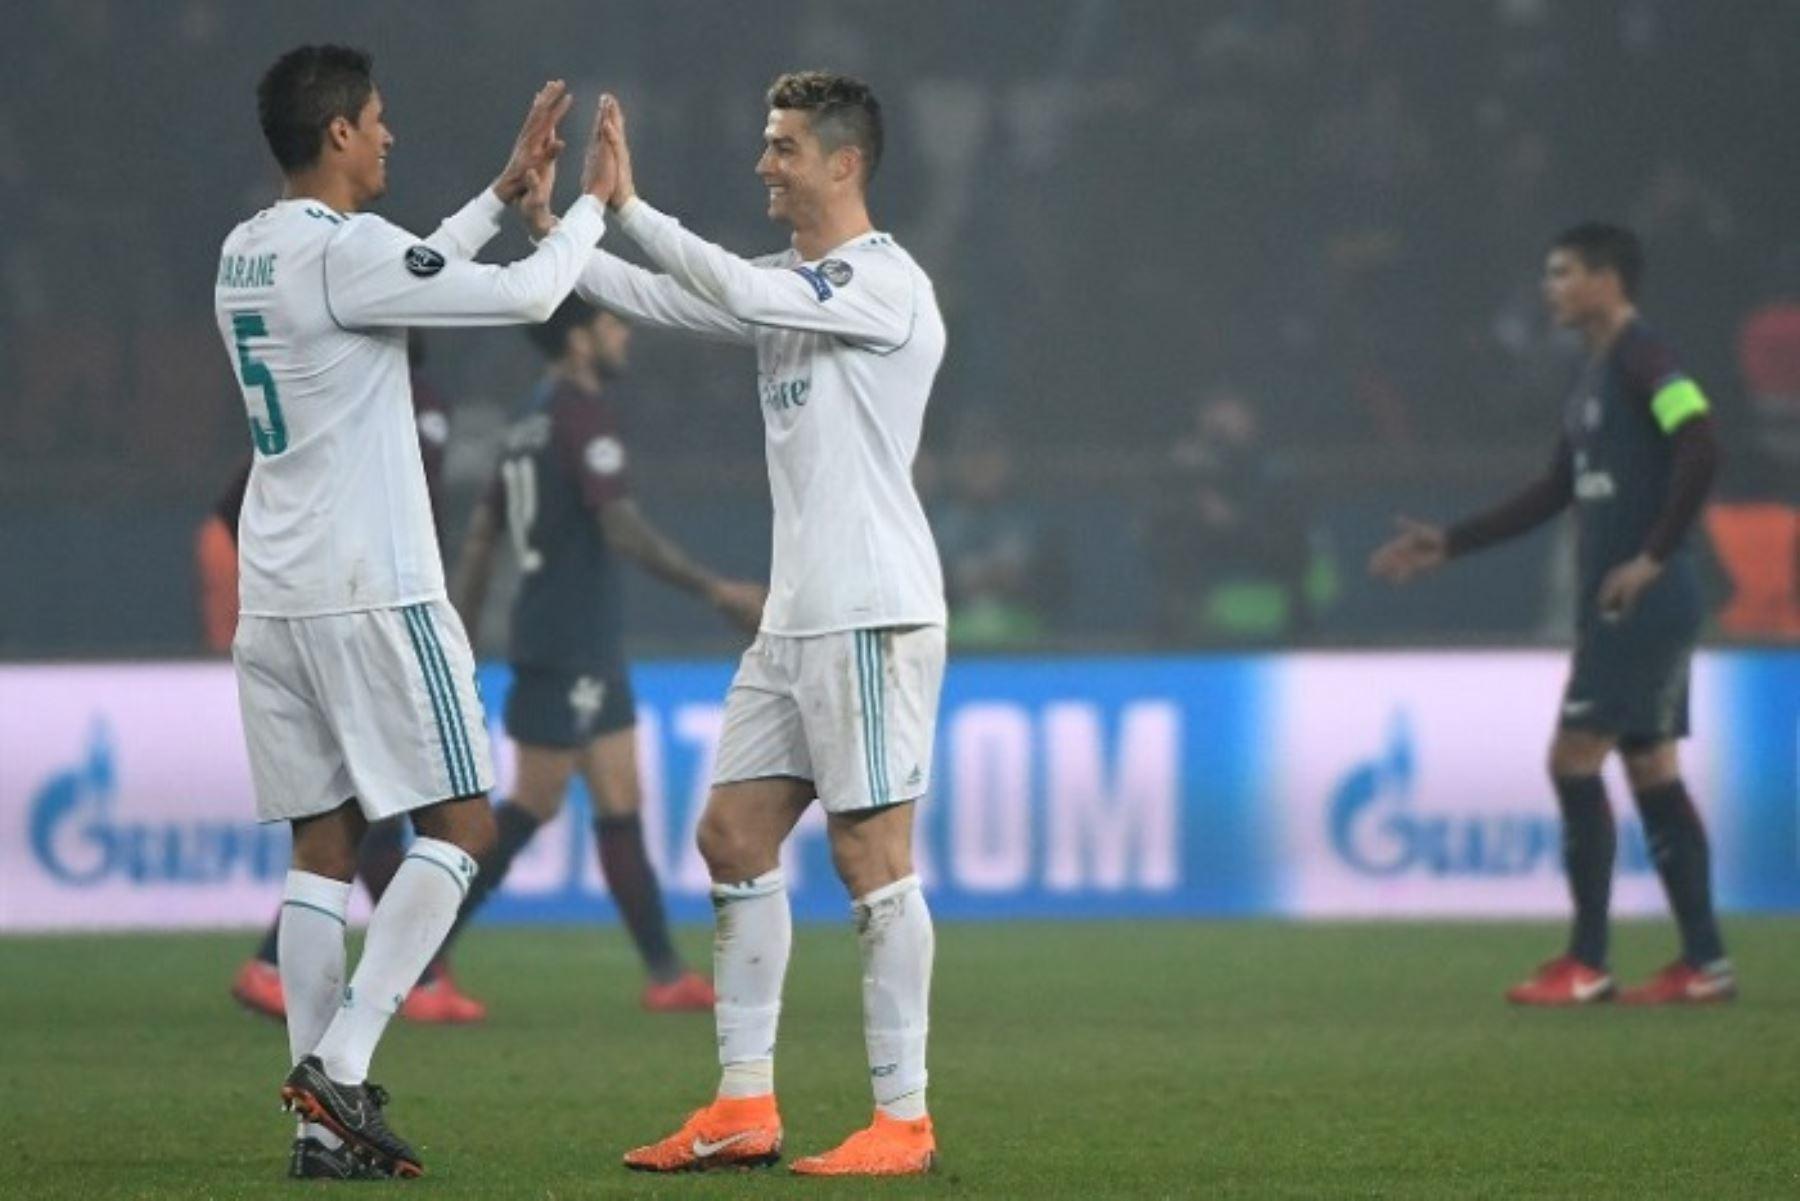 Real Madrid se impuso en el Parque de los Príncipes con gol de Cristiano Ronaldo.Foto:AFP